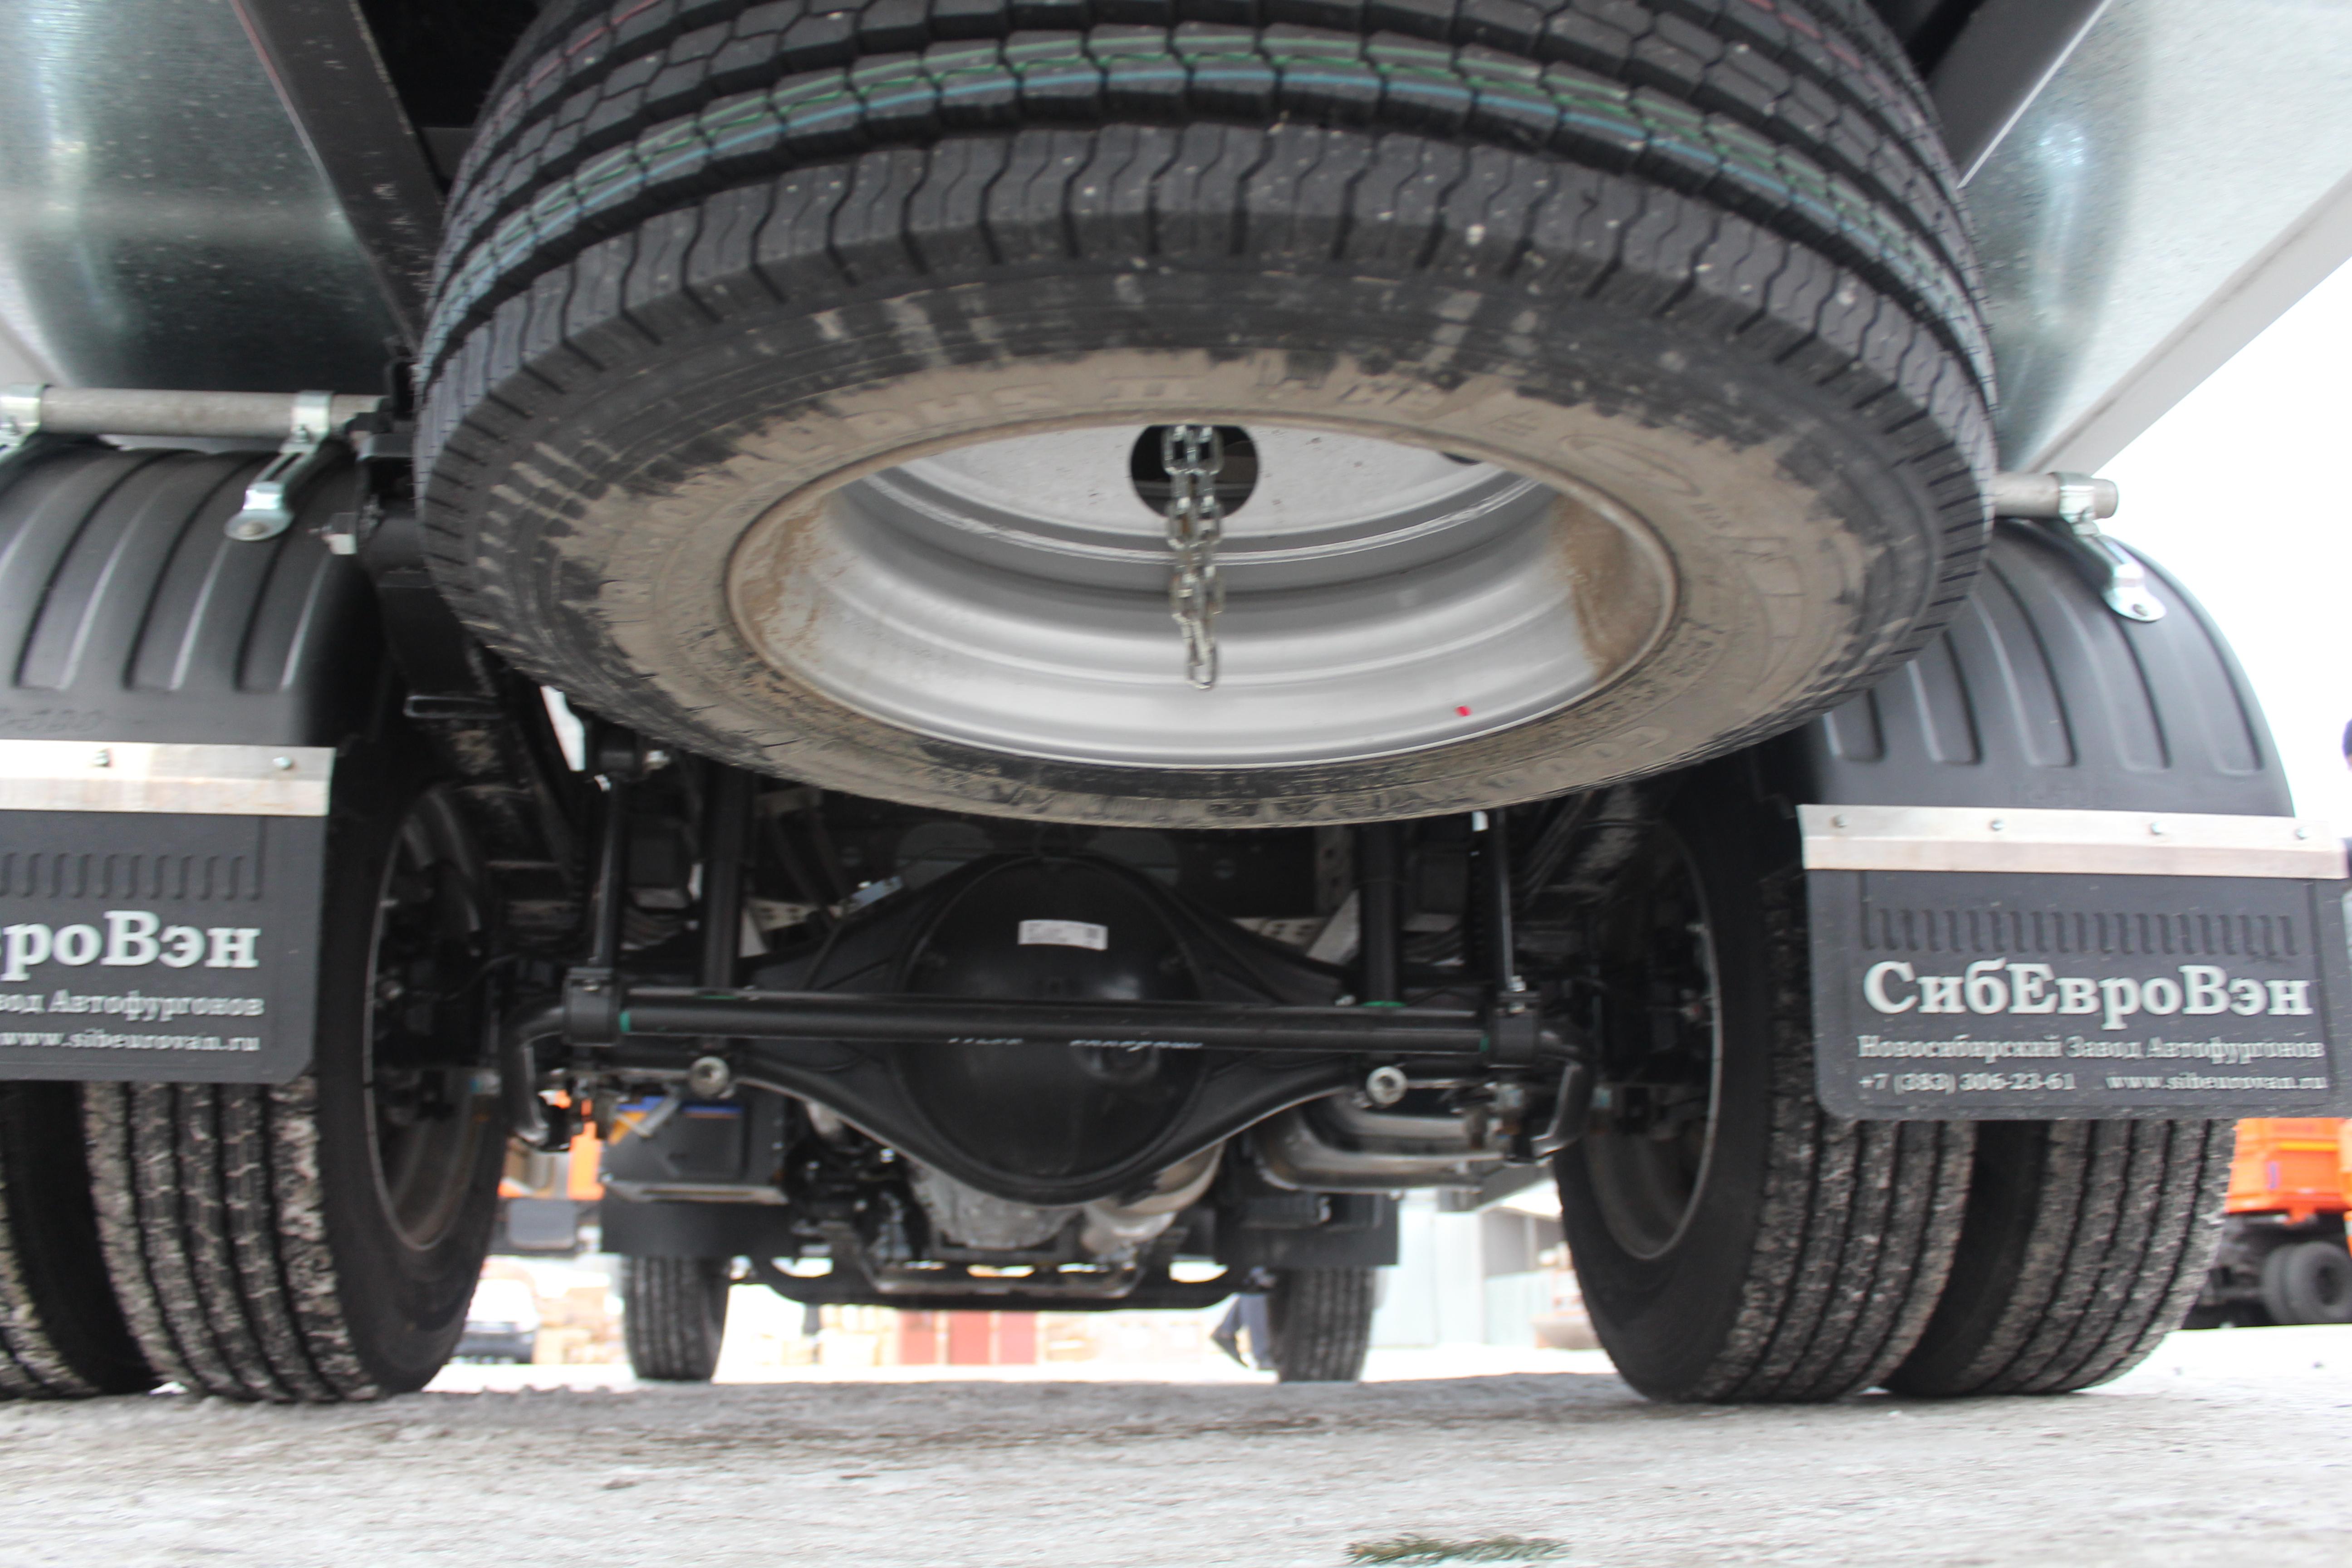 Запасное колесо разместили под задним свесом